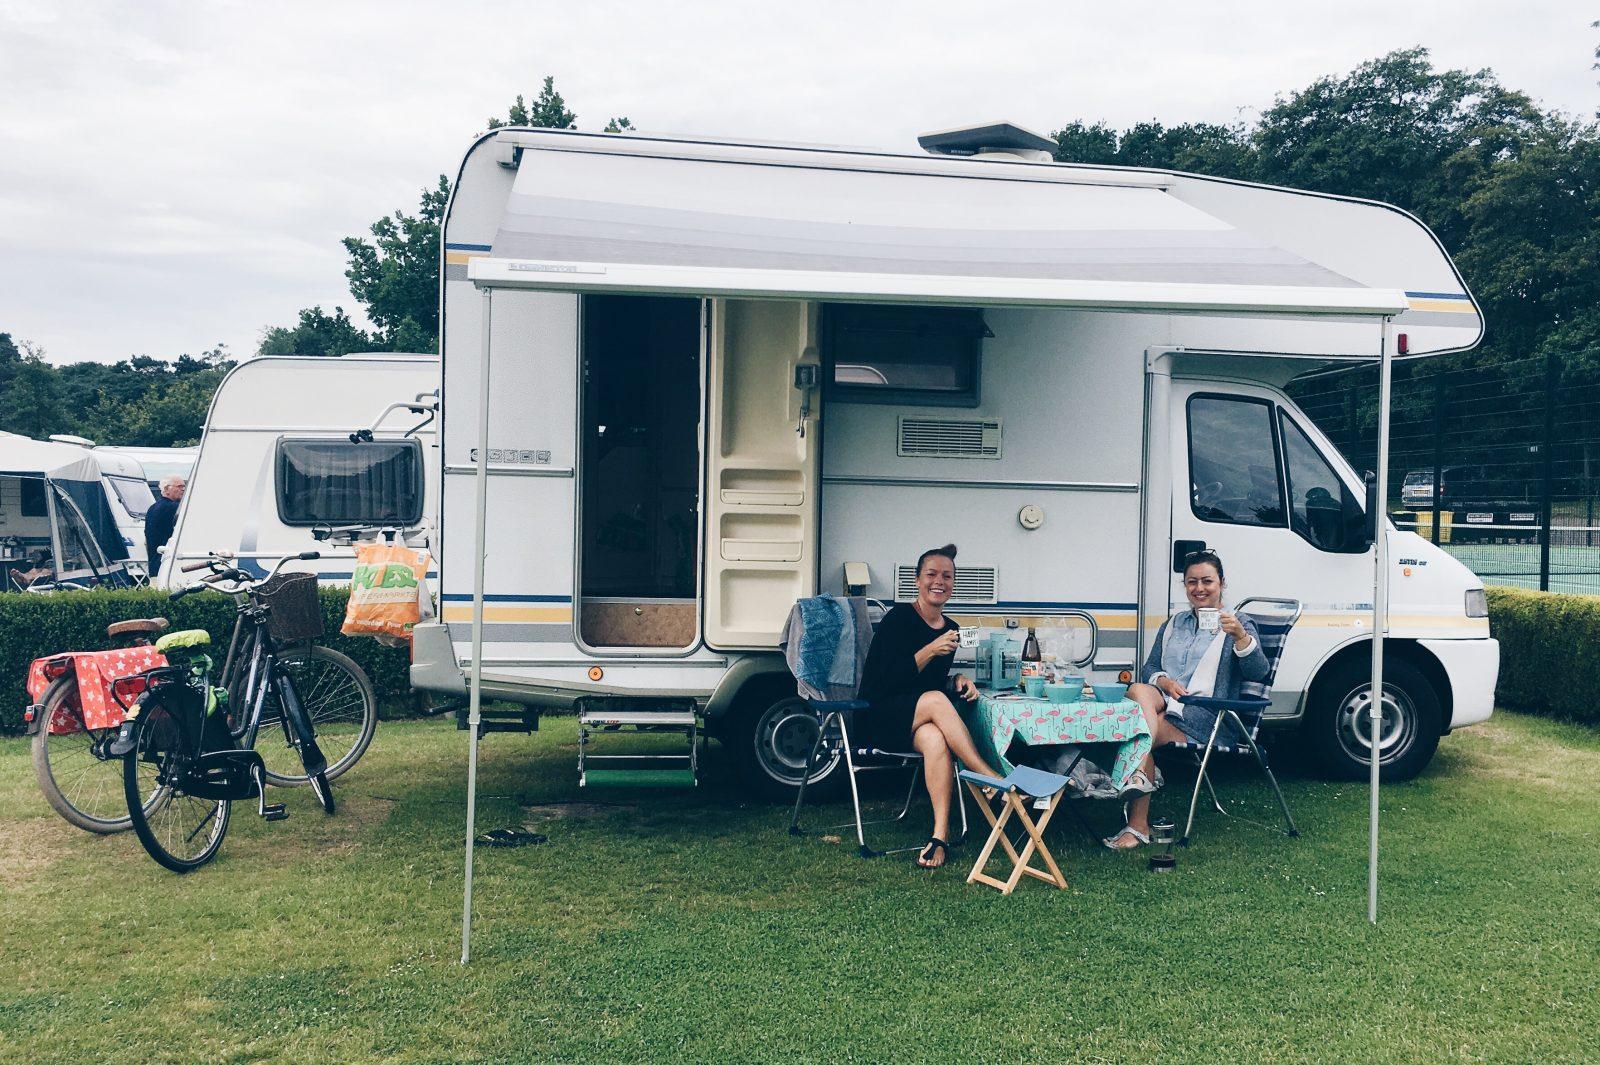 Campen in Holland, Den Haag, Scheveningen